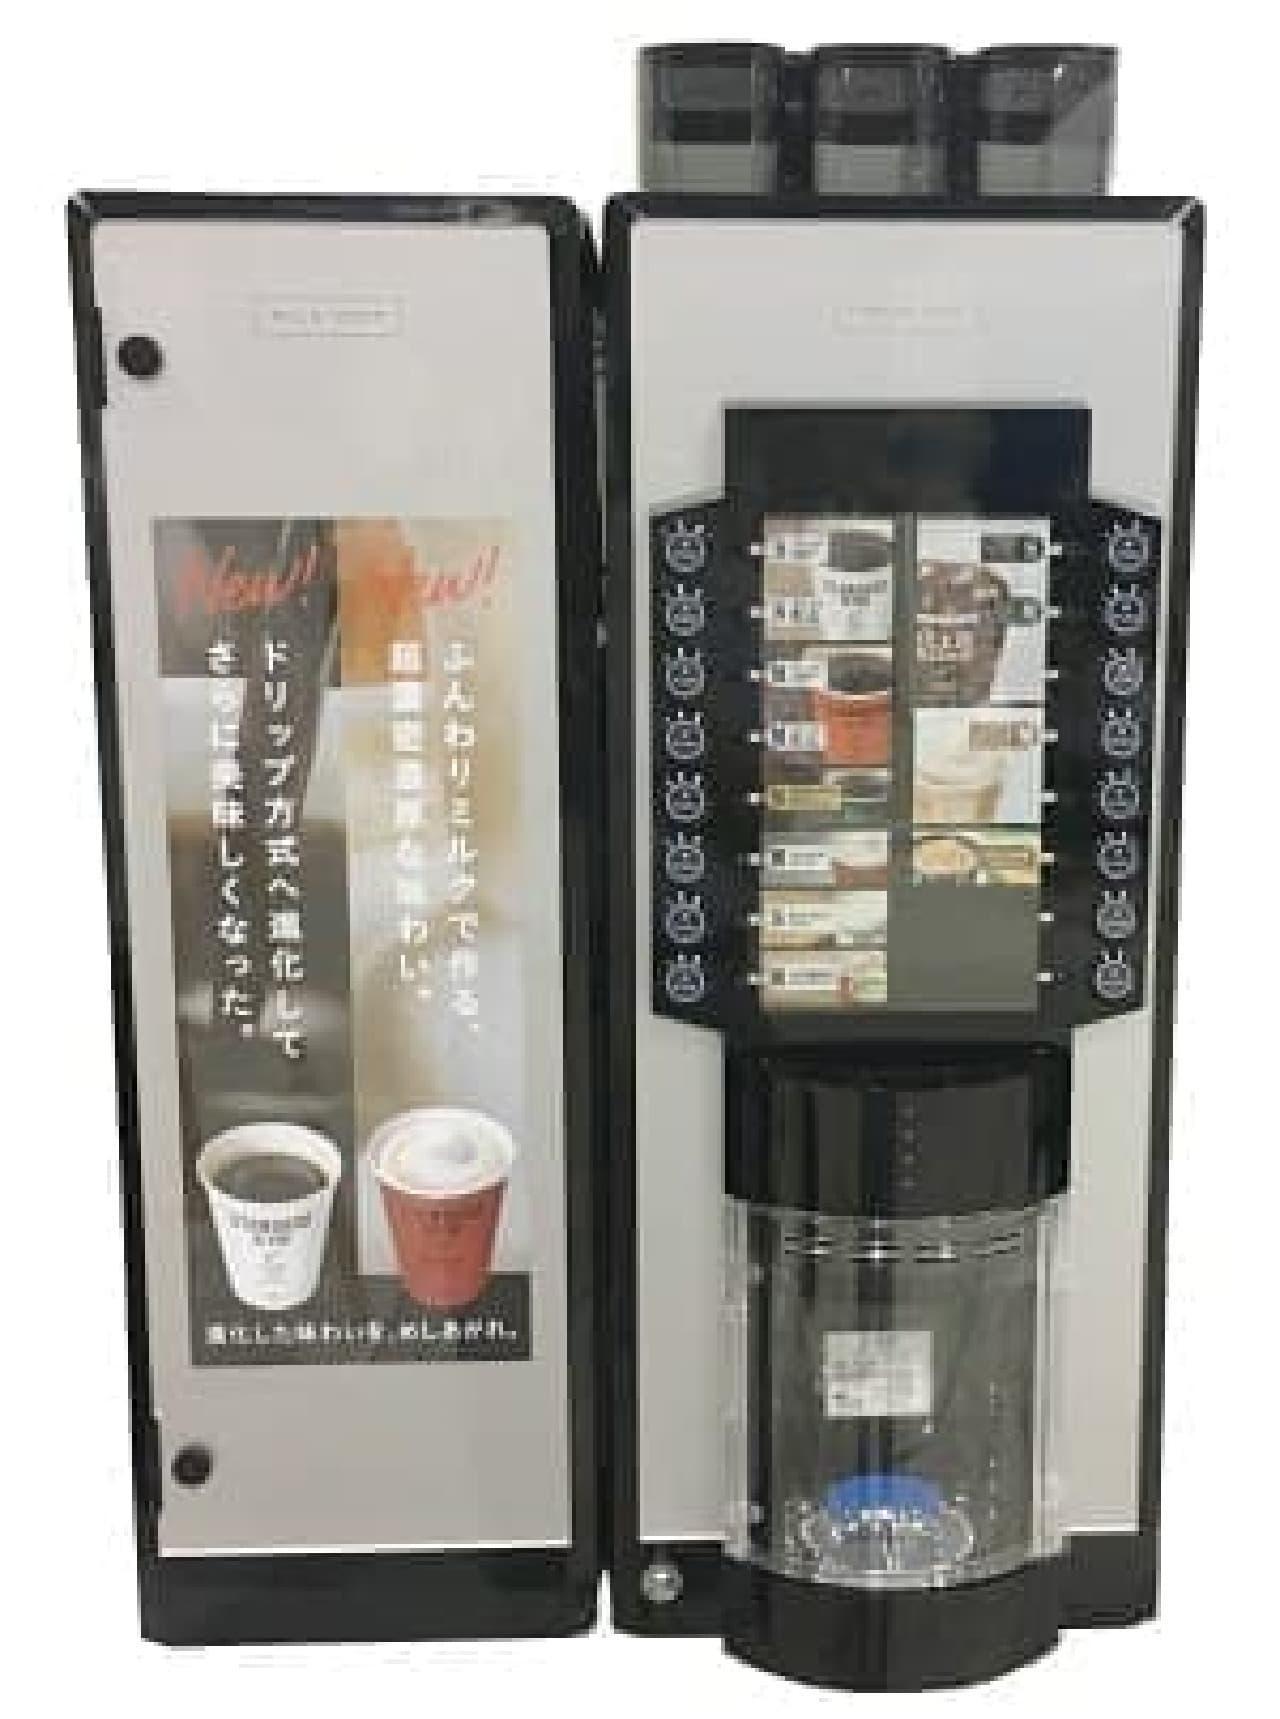 ファミマカフェの新型コーヒーマシン